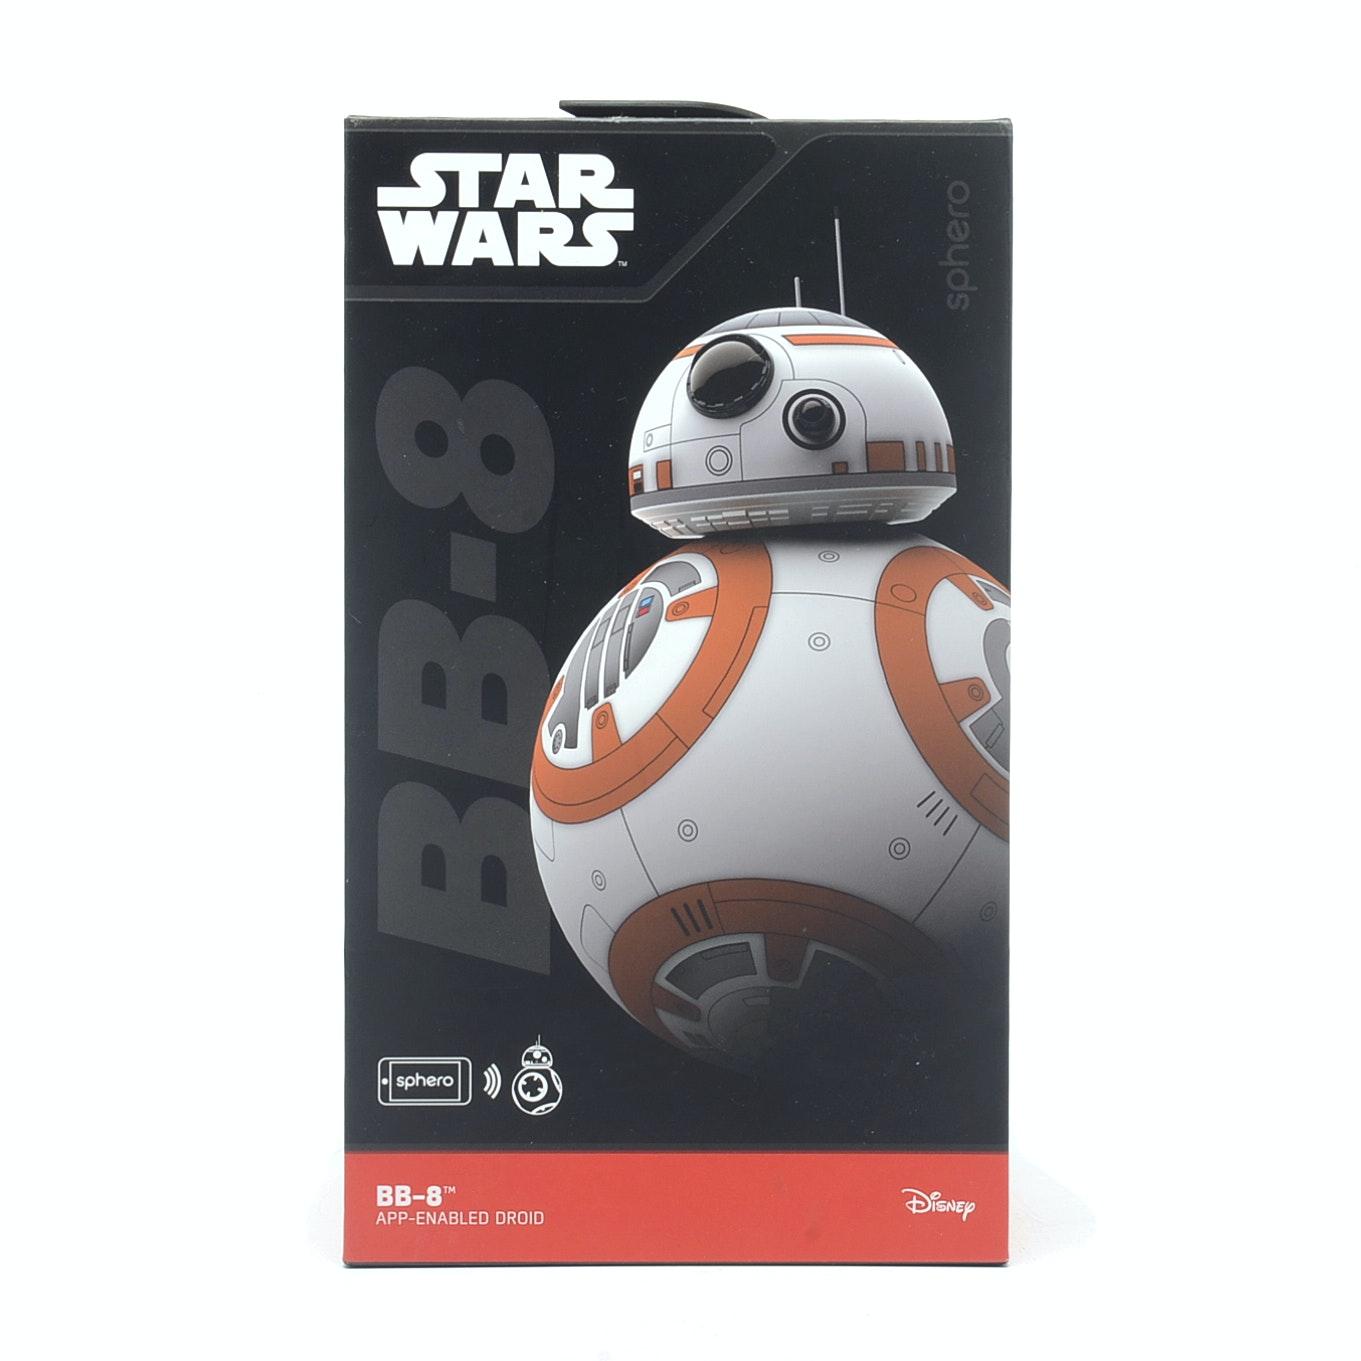 Star Wars BB-8 App-Enabled Droid by Sphero